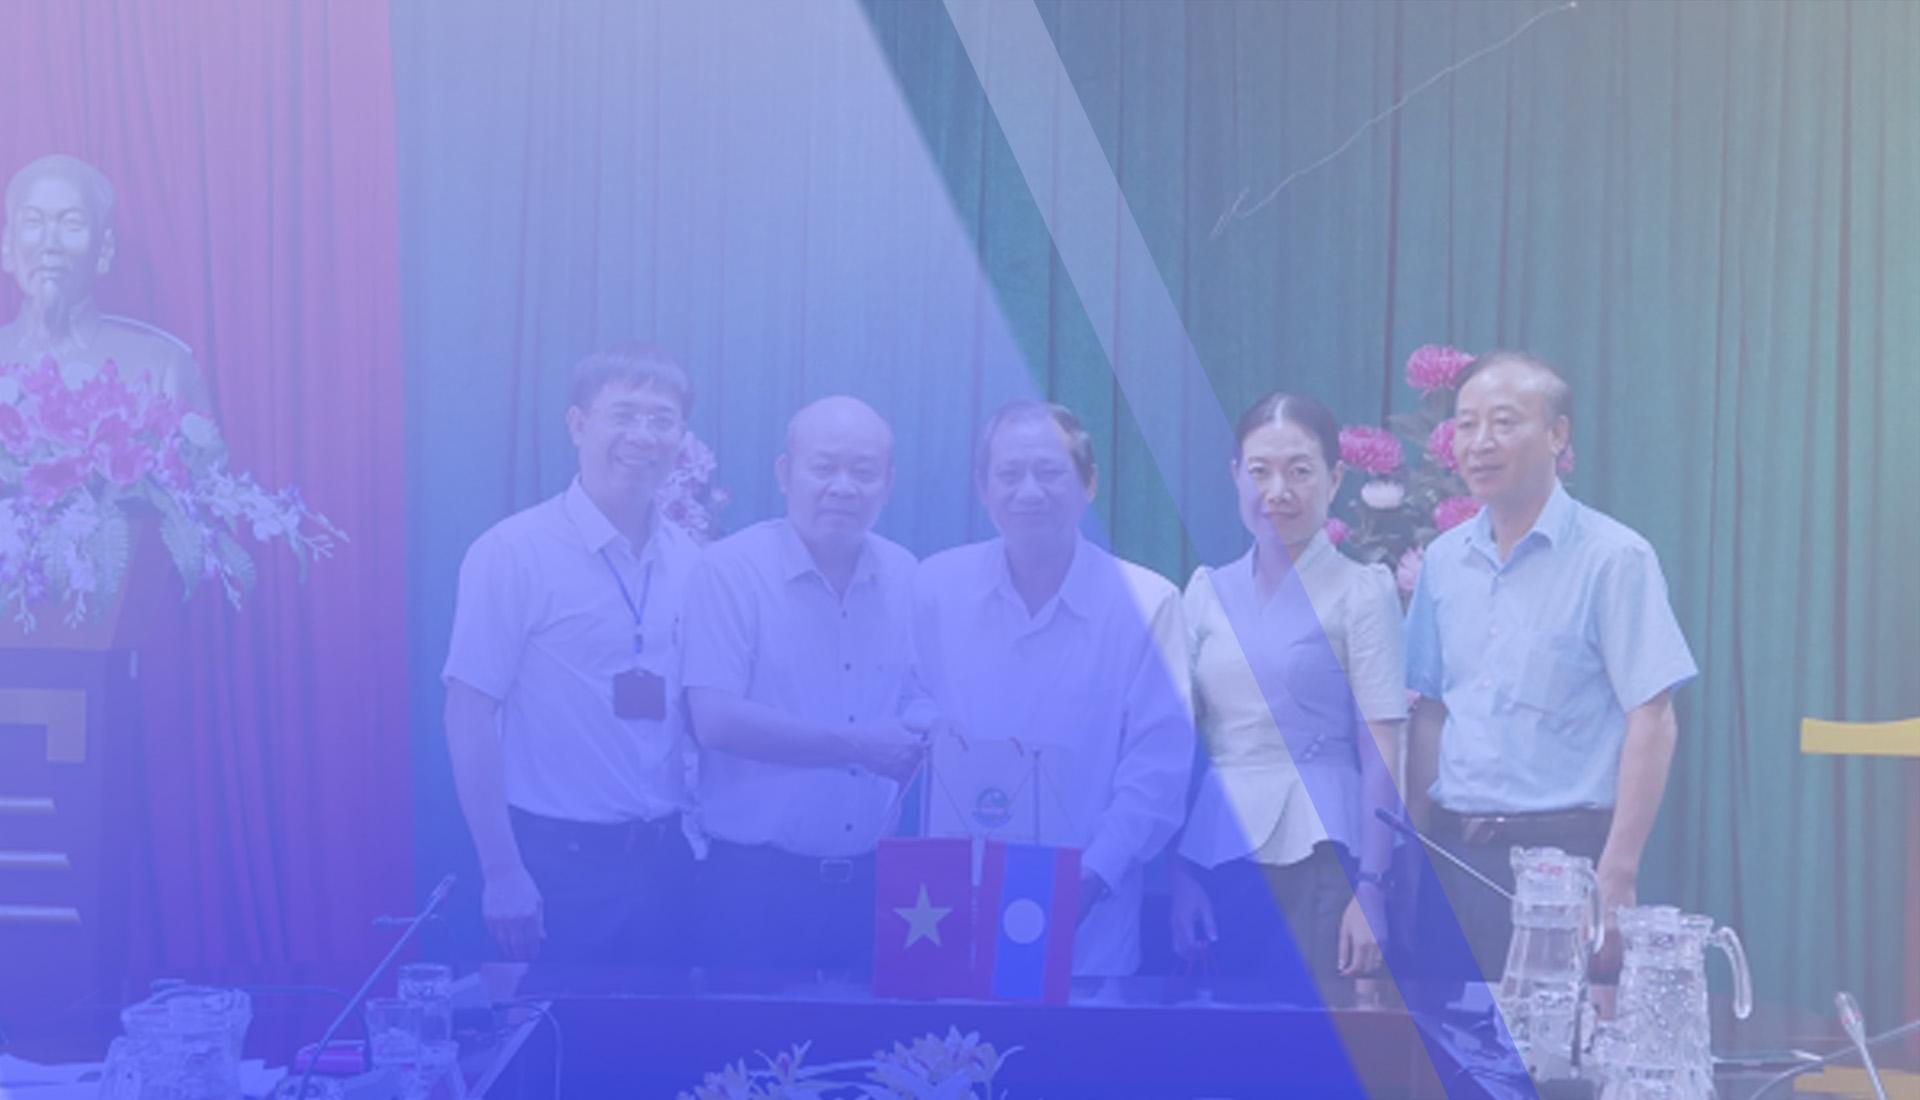 Hợp tác quốc tế và kết nối cộng đồng